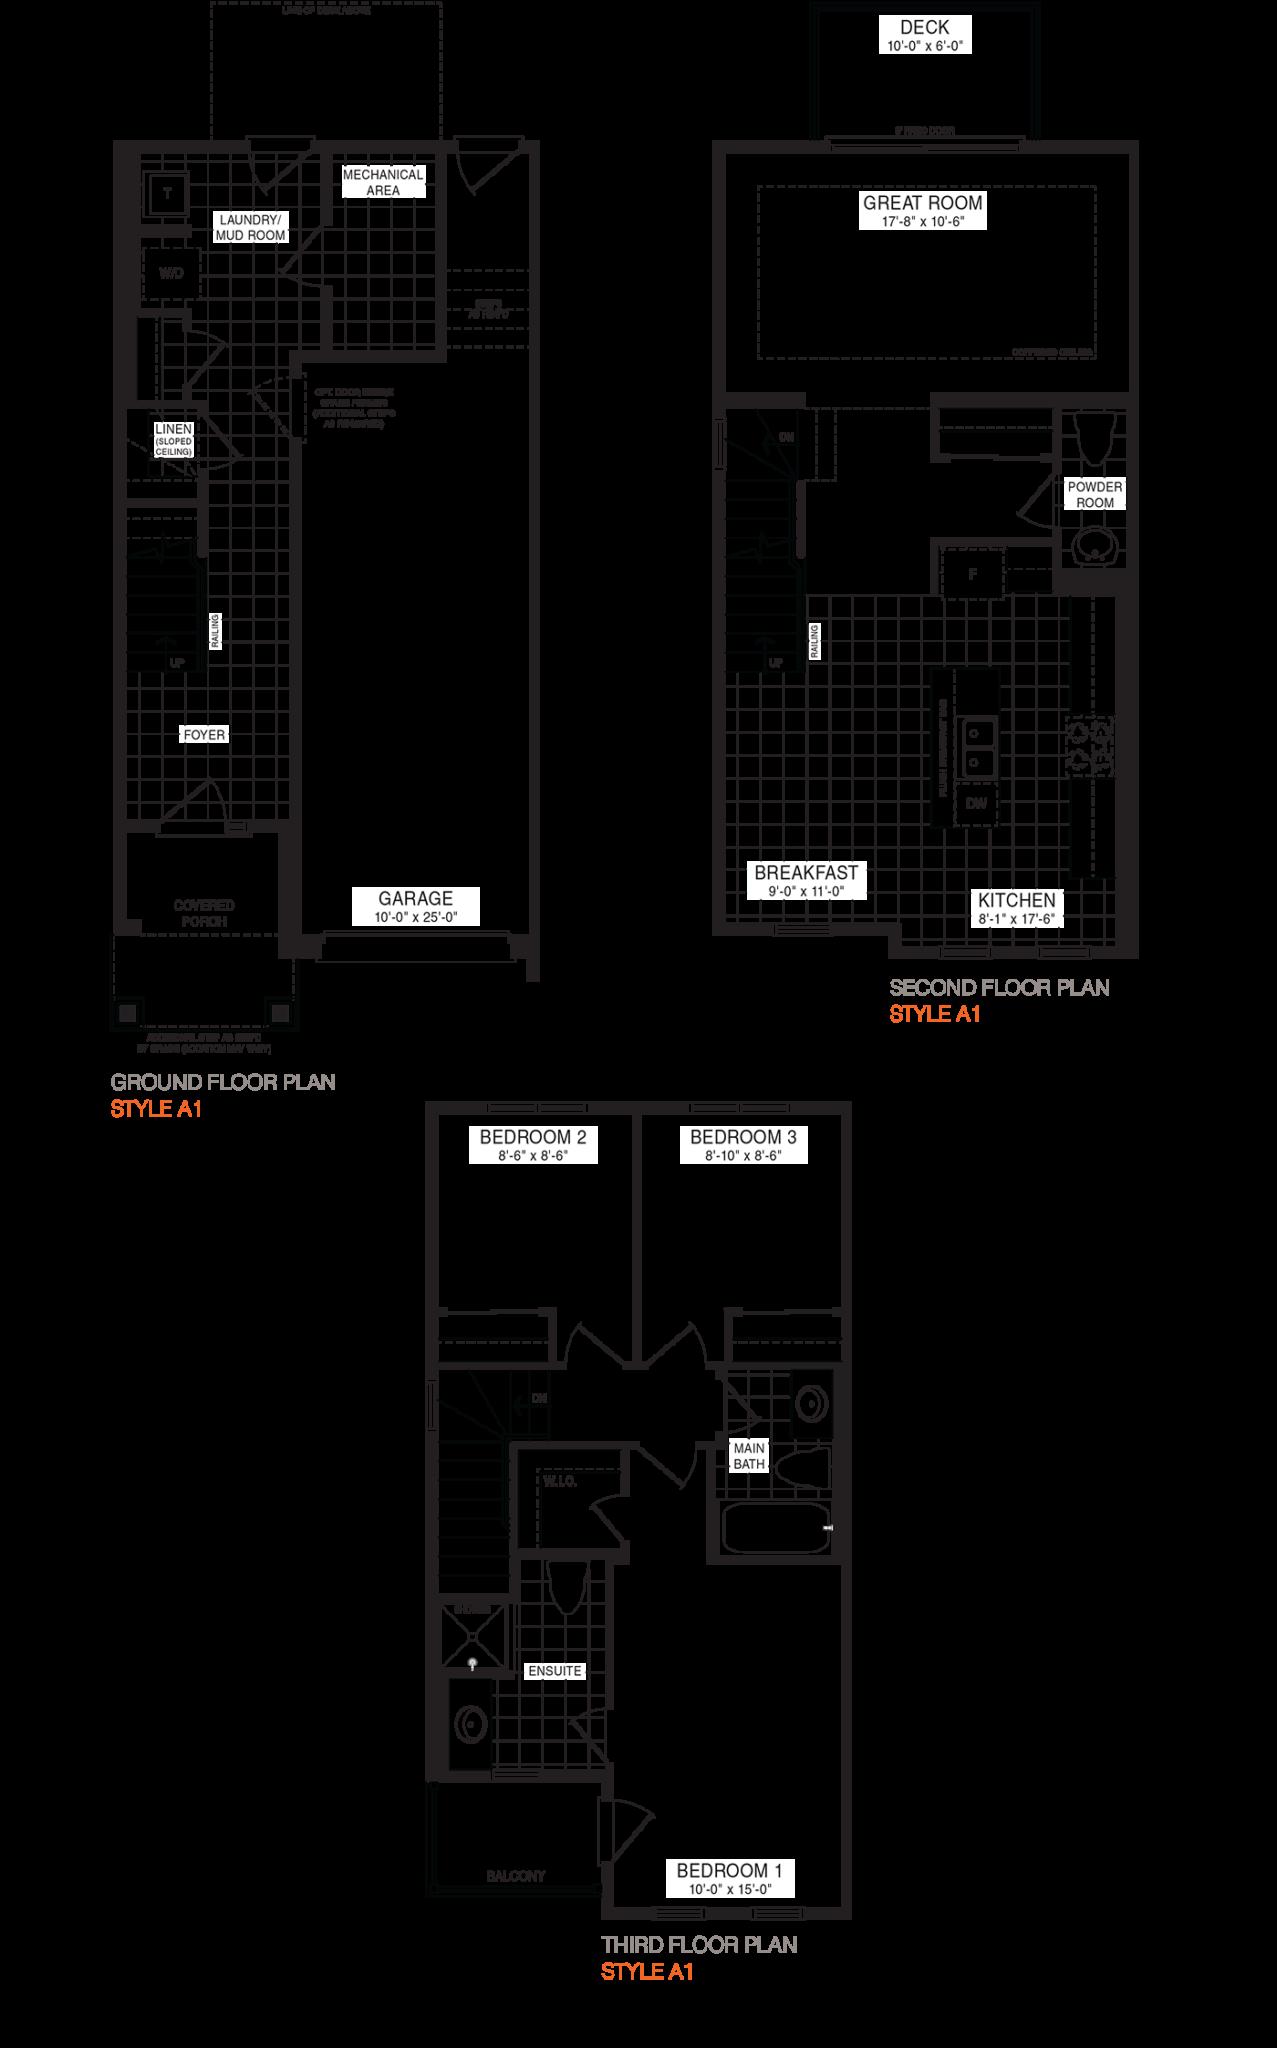 Castlebar-castlebar-floor-plan